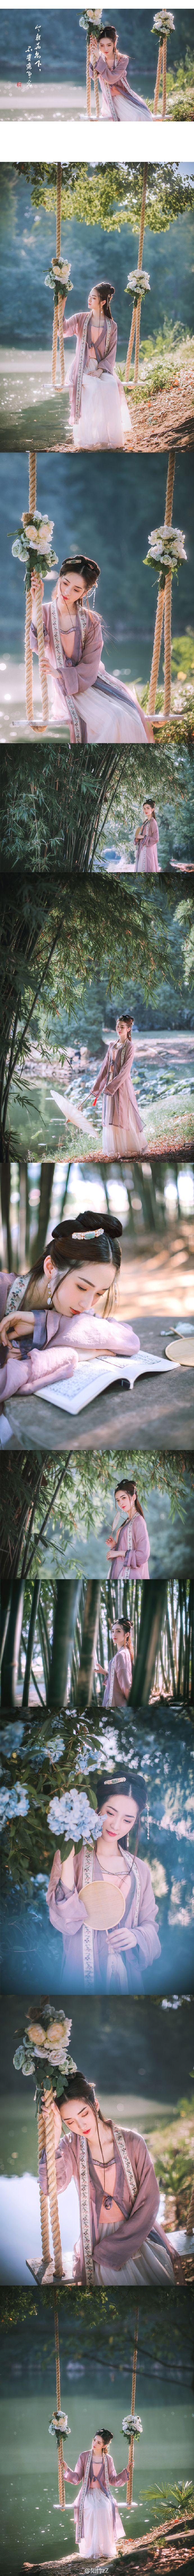 出镜:@丨丶哚灬啦 妆造:@Yumi嘟嘟嘟 traditional Chinese clothing hanfu lake